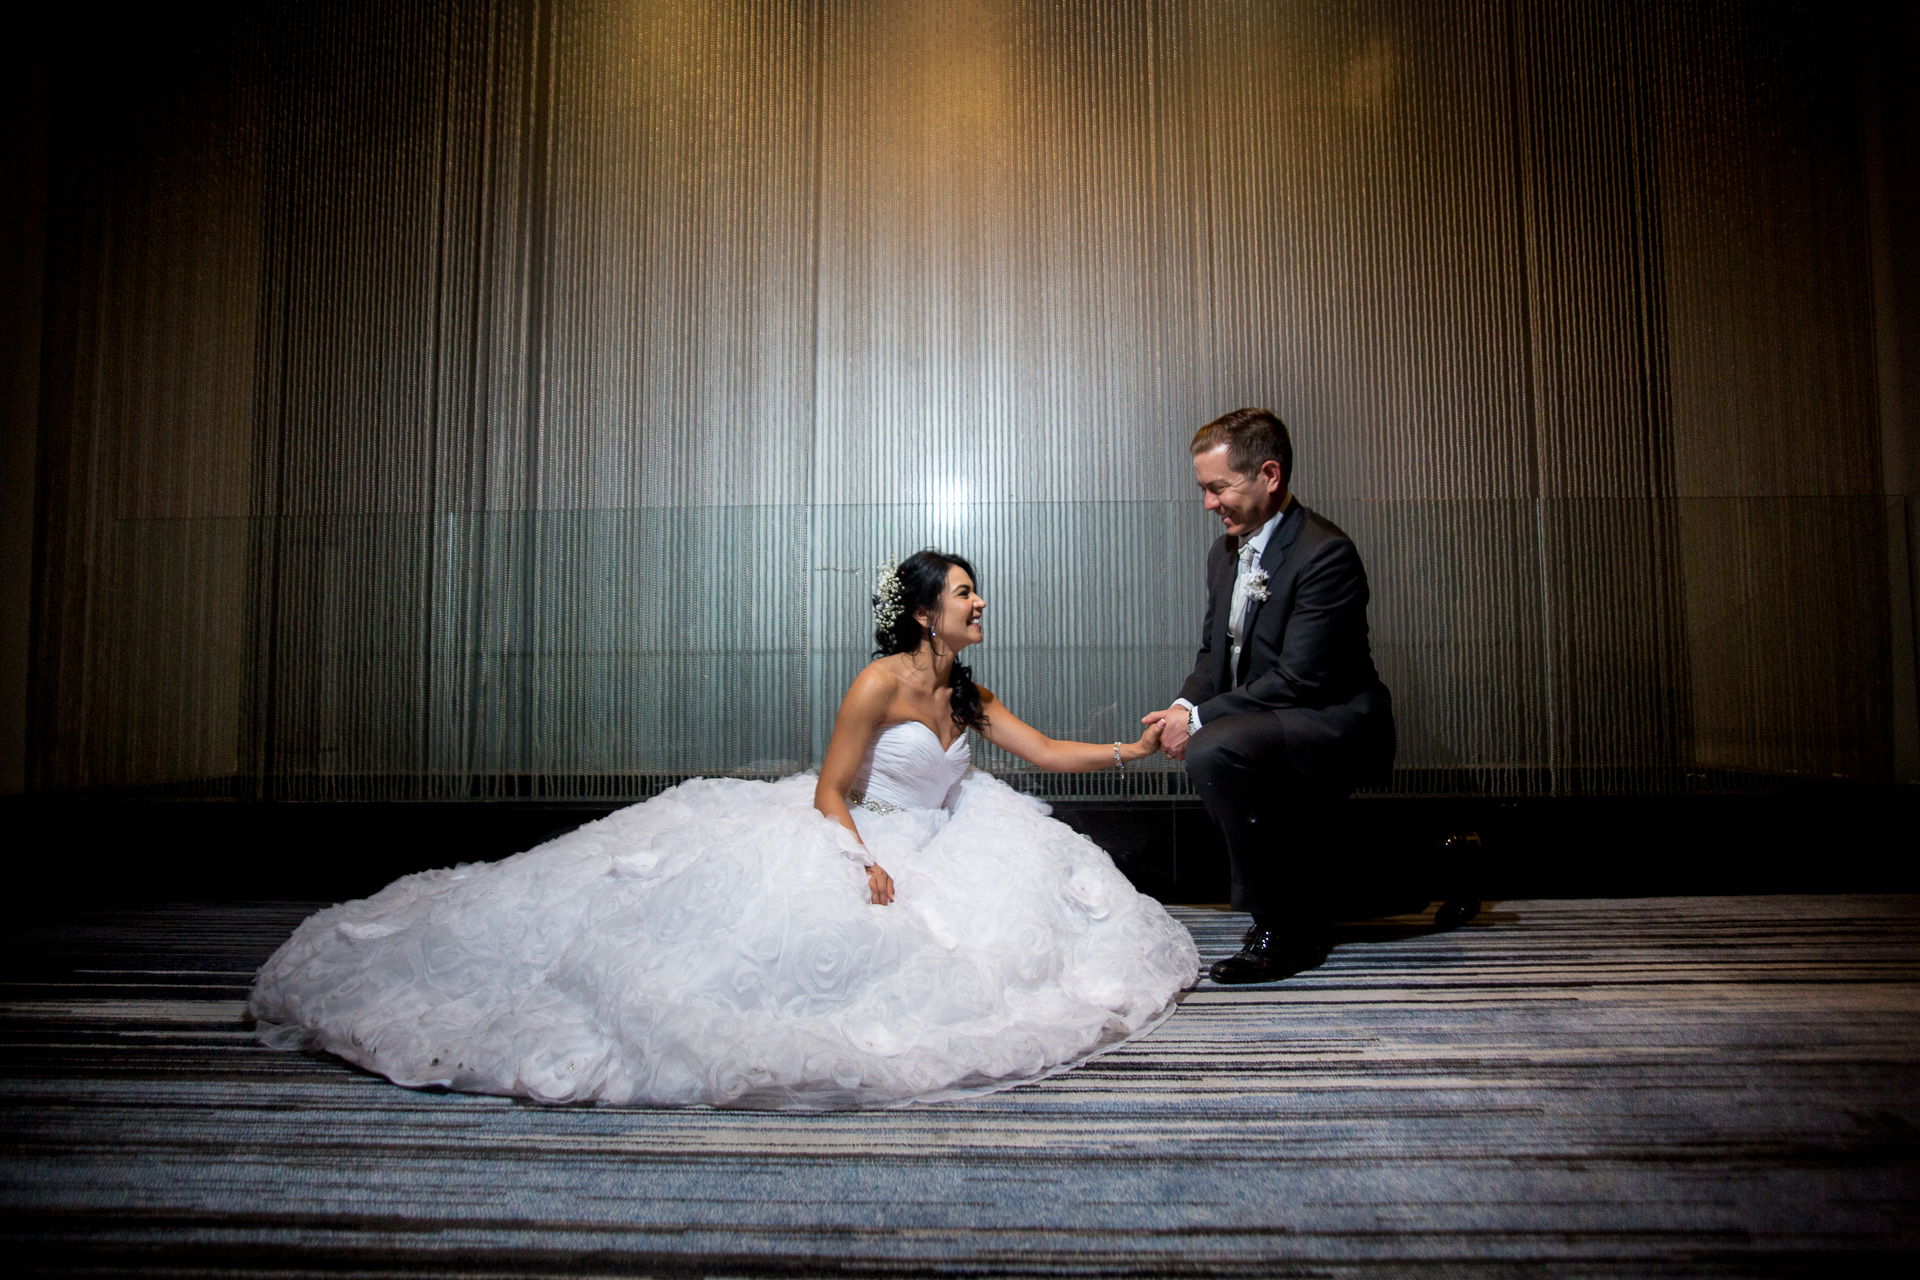 Fotógrafos-de-bodas-en-Colombia-Andrea-y-Antonio-53 ANDREA + ANTONIO